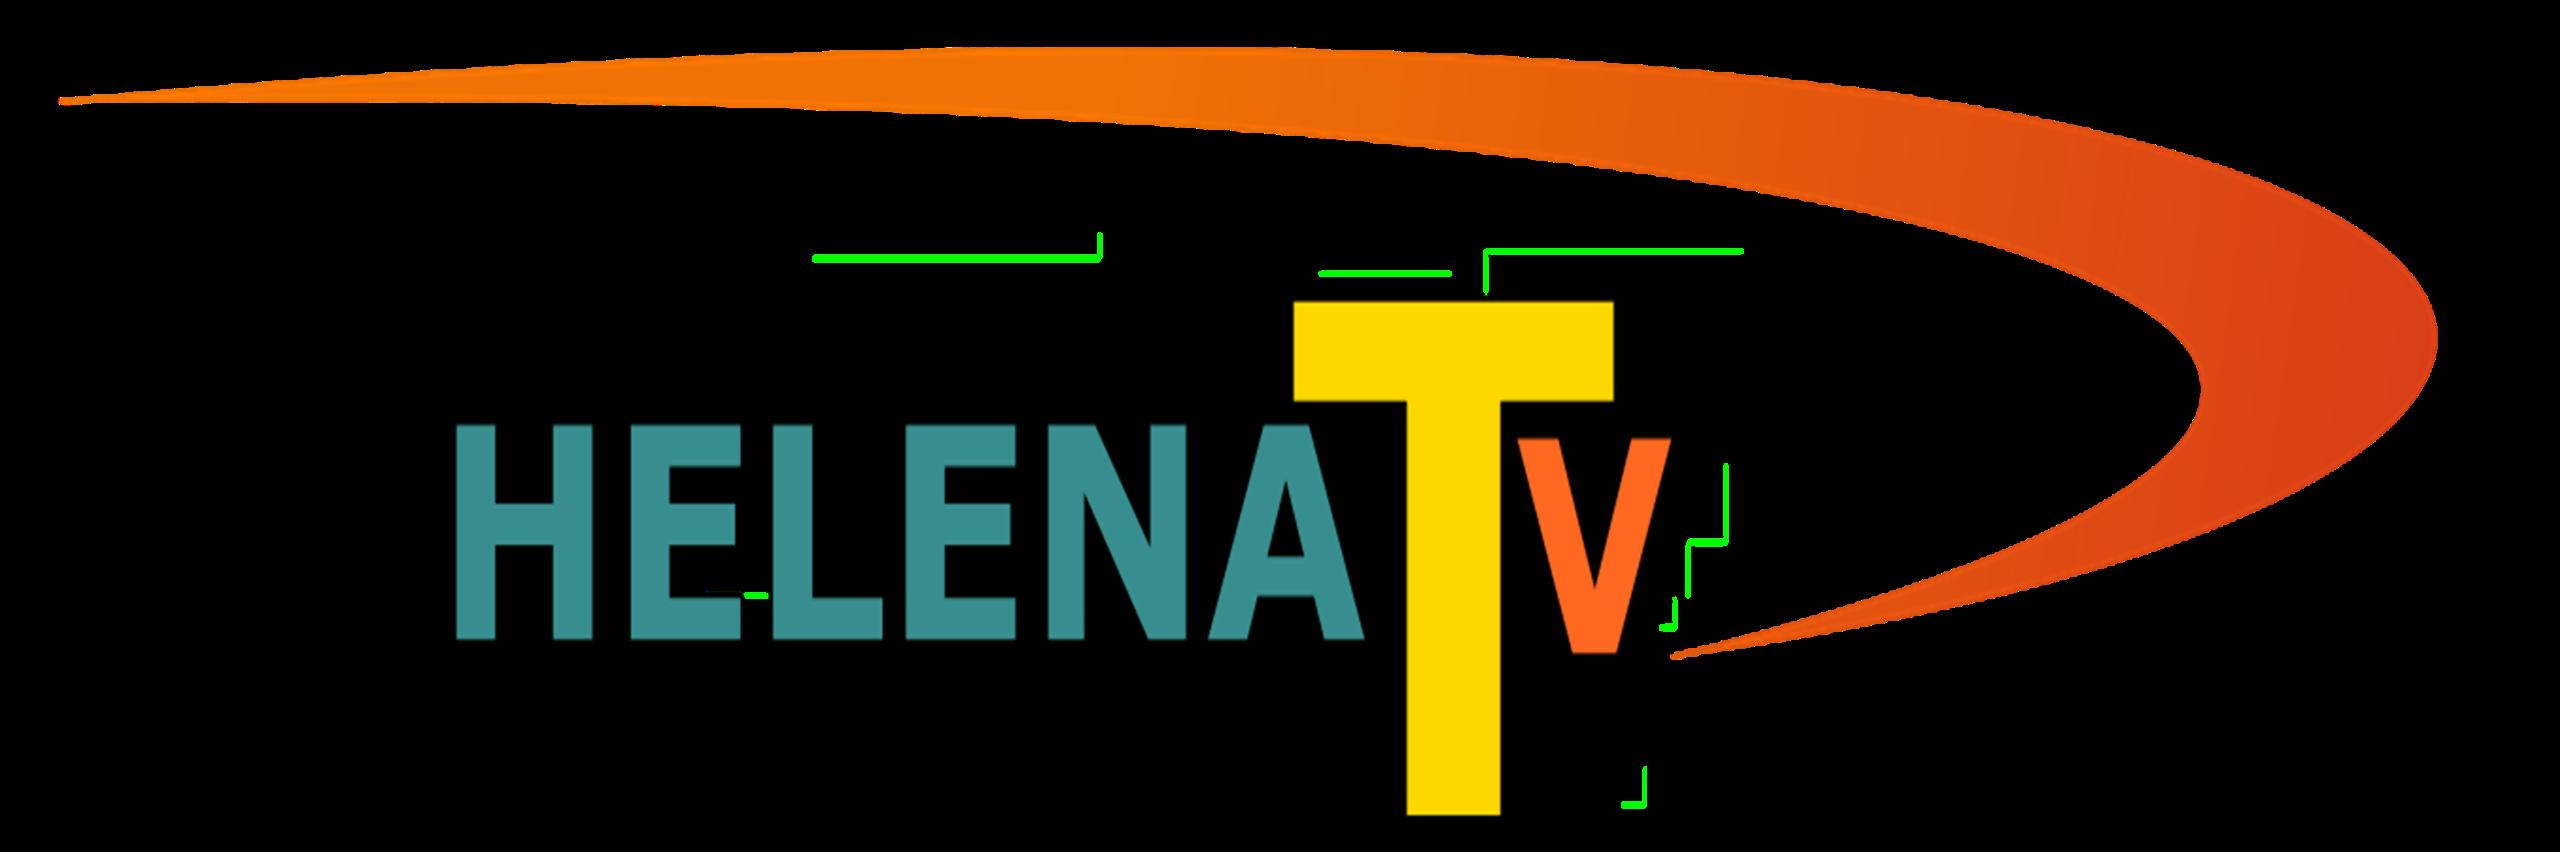 HELENA TV